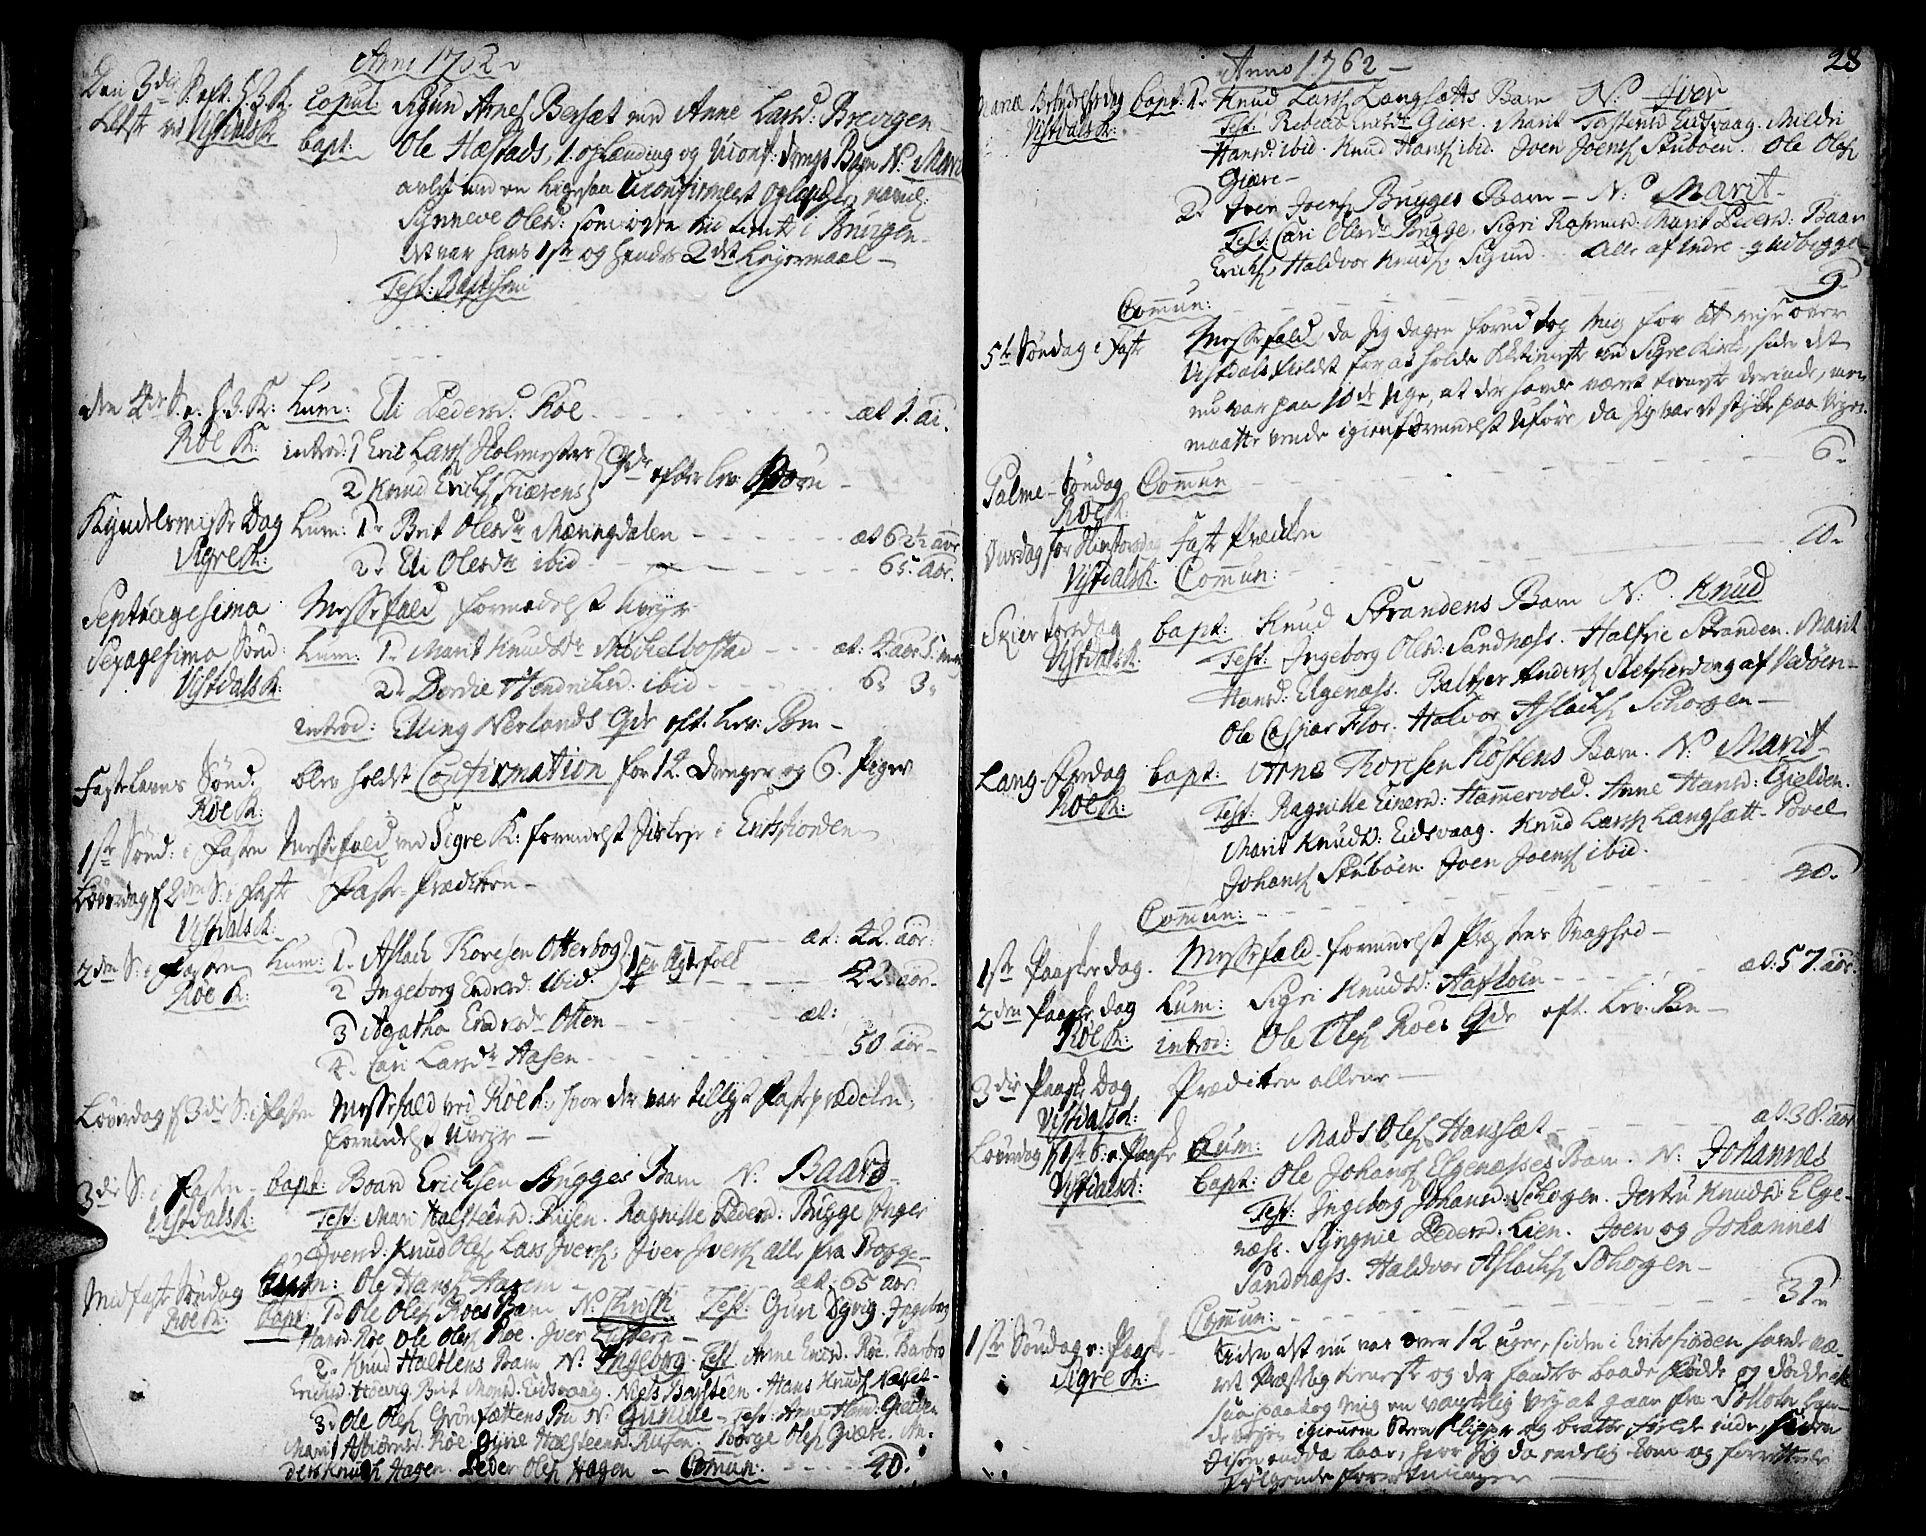 SAT, Ministerialprotokoller, klokkerbøker og fødselsregistre - Møre og Romsdal, 551/L0621: Ministerialbok nr. 551A01, 1757-1803, s. 28